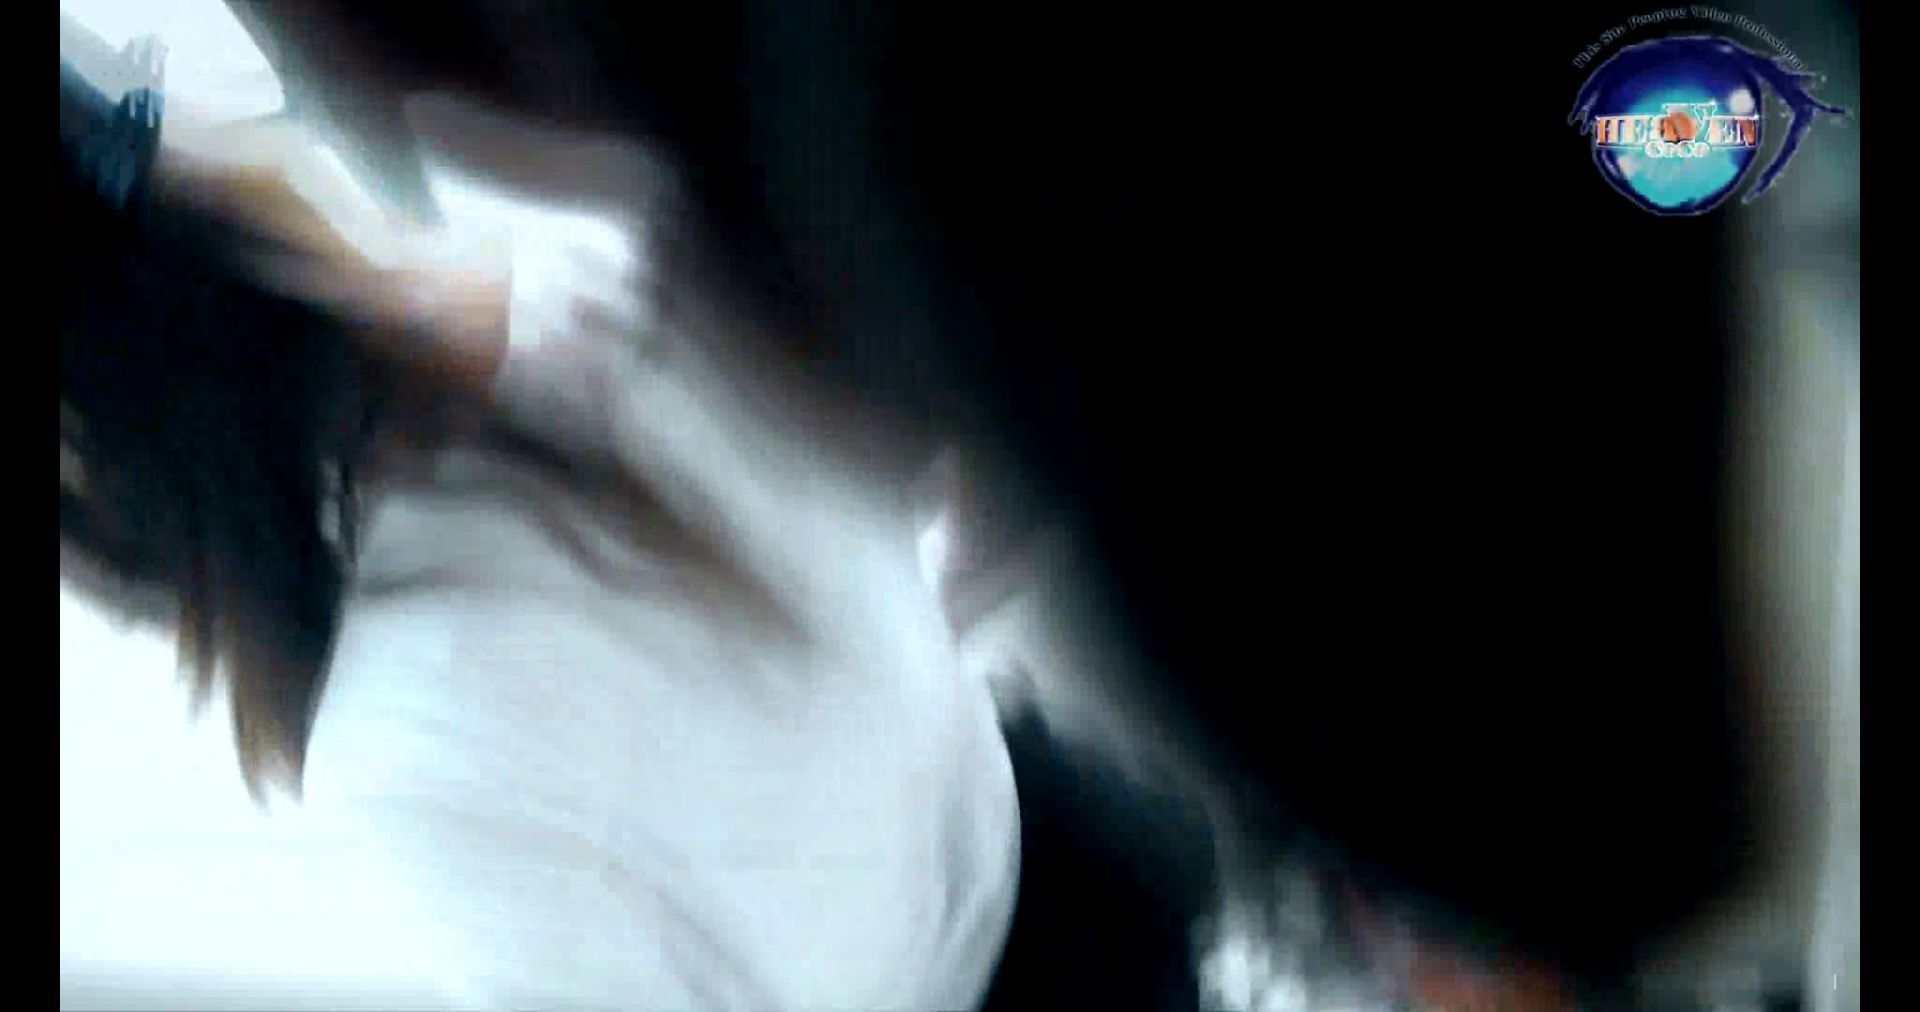 世界の射窓から~ステーション編~vol.36 無料動画に登場したトップクラスモデル本番へ マンコエロすぎ エロ無料画像 109PIX 23